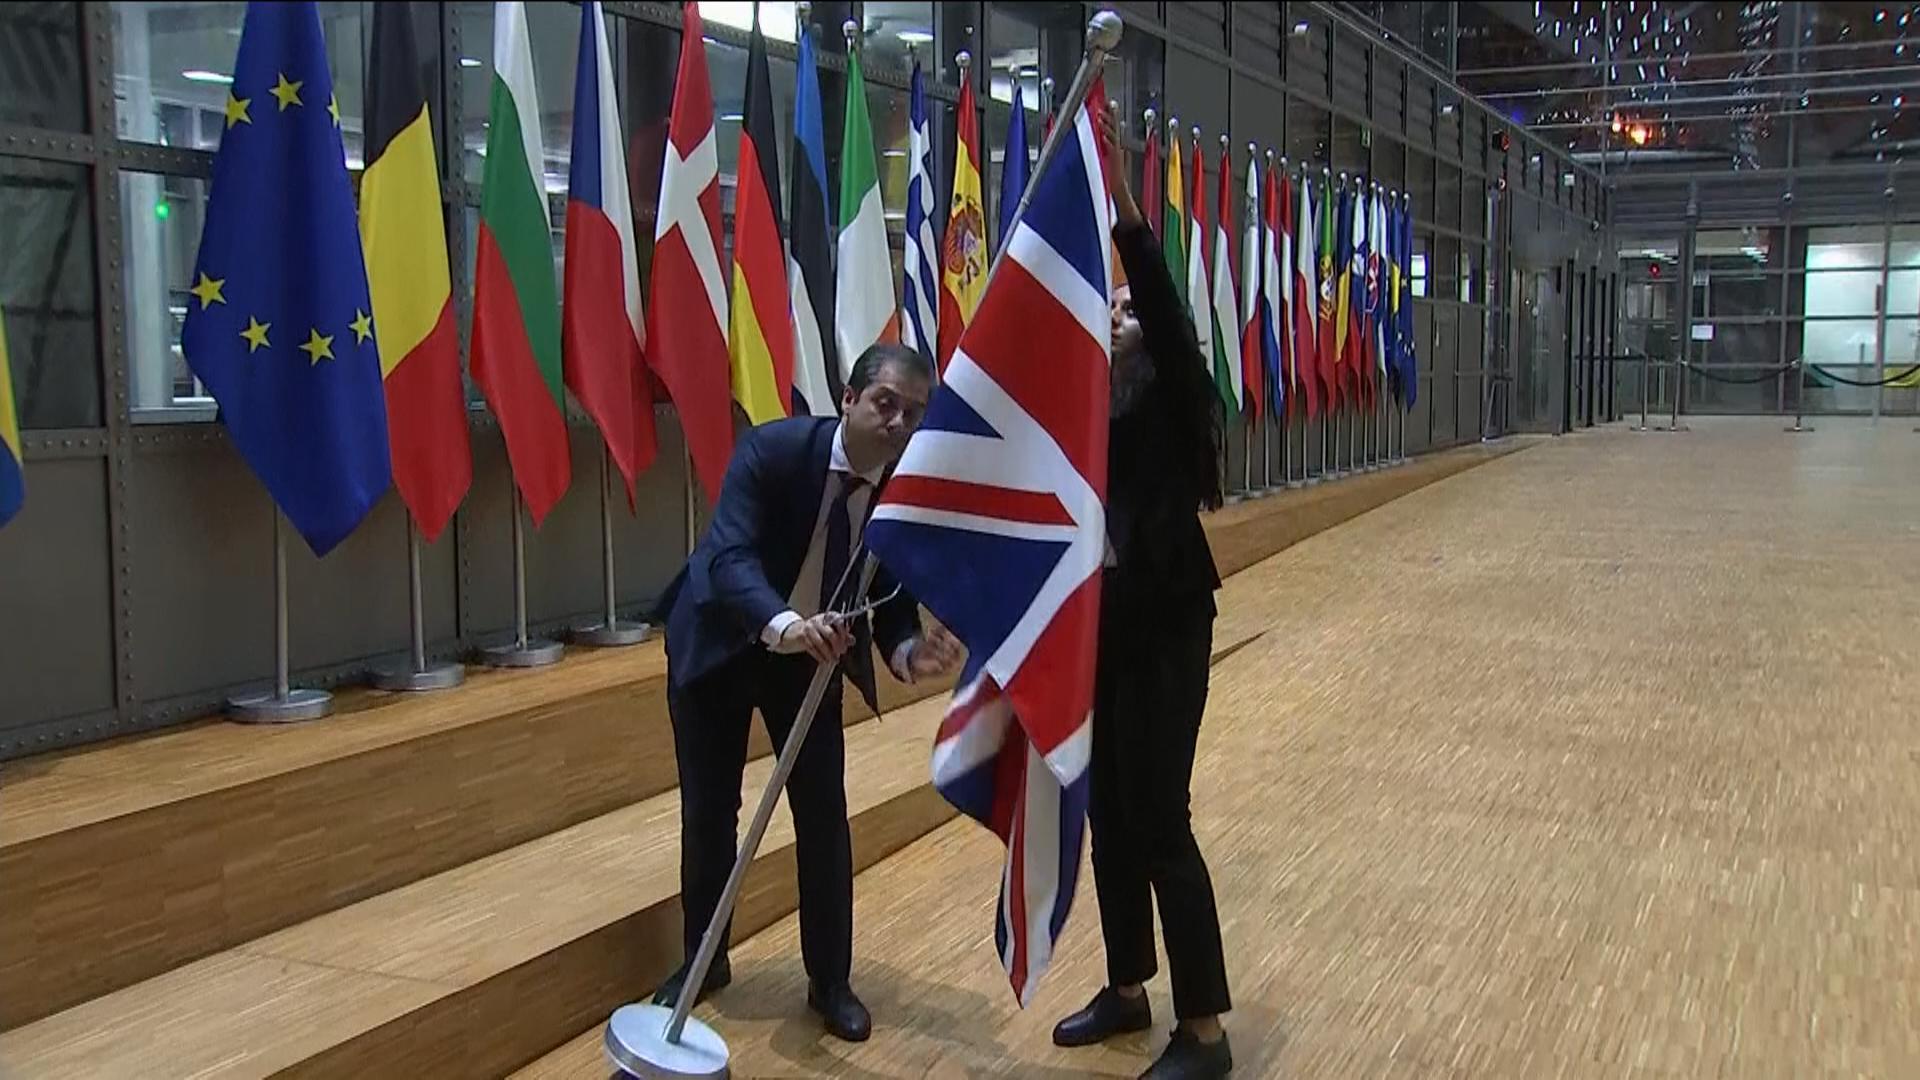 """BREXIT DONE. Marea Britanie a ieșit oficial din UNIUNEA EUROPEANĂ. Ultimul discurs al lui Nigel Farage în PE (Video): <i>""""Iubim Europa, urâm Uniunea Europeană. Sperăm ca acesta este începutul sfârșitului acestui proiect. EXISTĂ O BĂTĂLIE ASTĂZI ÎN EUROPA, AMERICA ȘI ÎNTREAGA LUME""""</i>"""